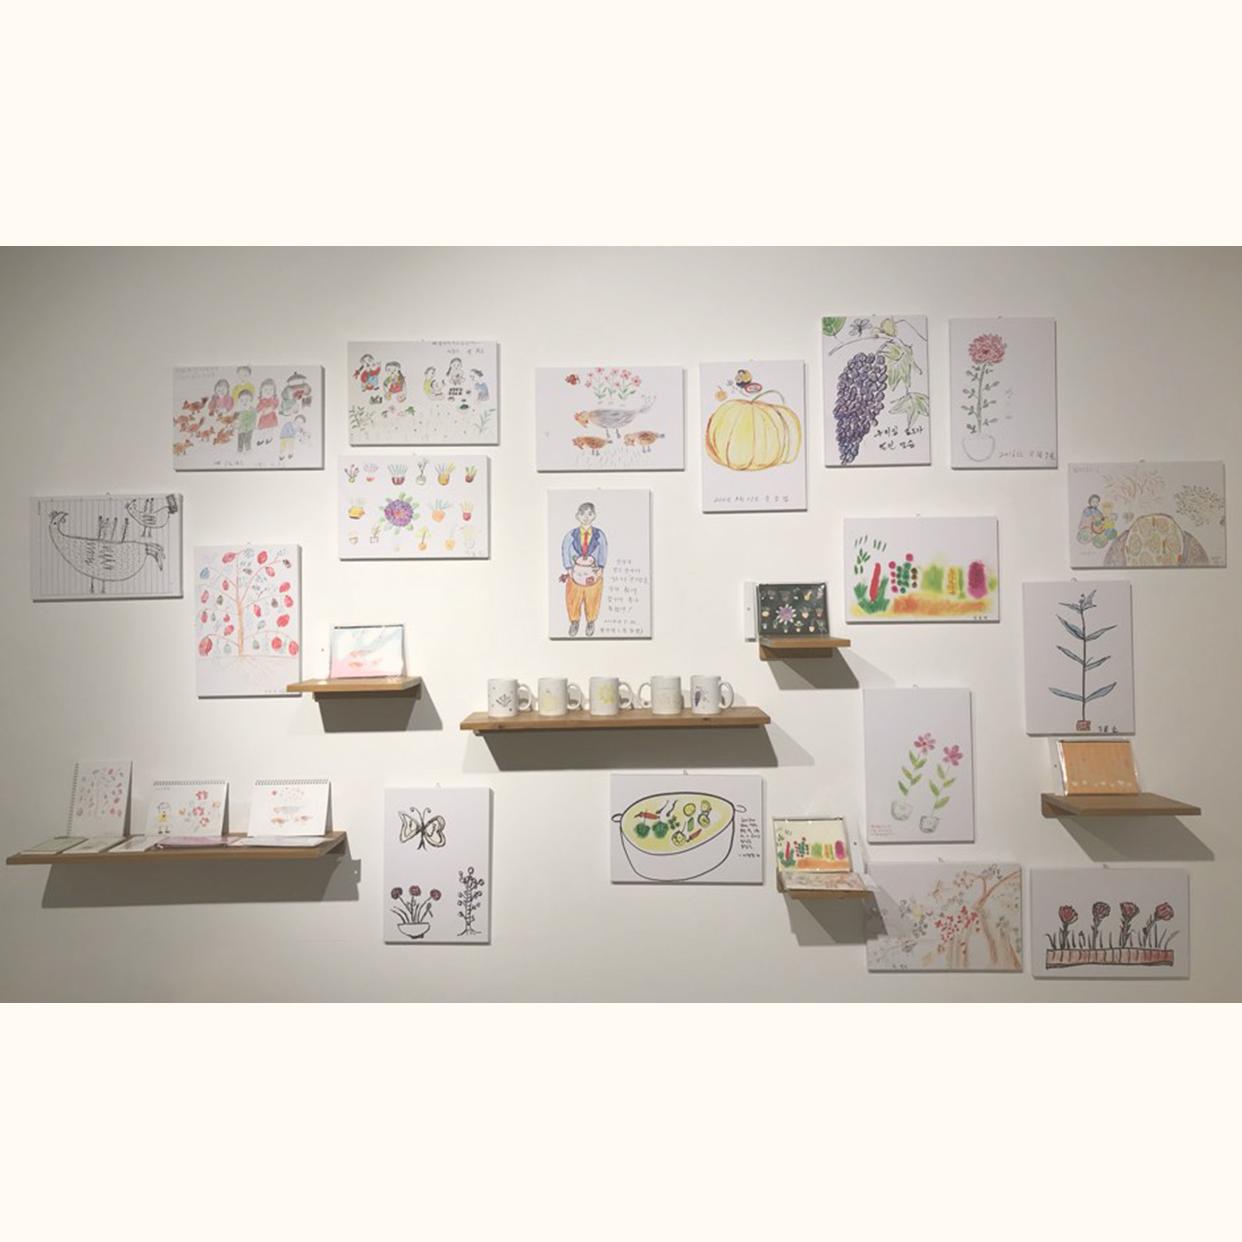 [갤러리] 한정판 '아트상품' 판매